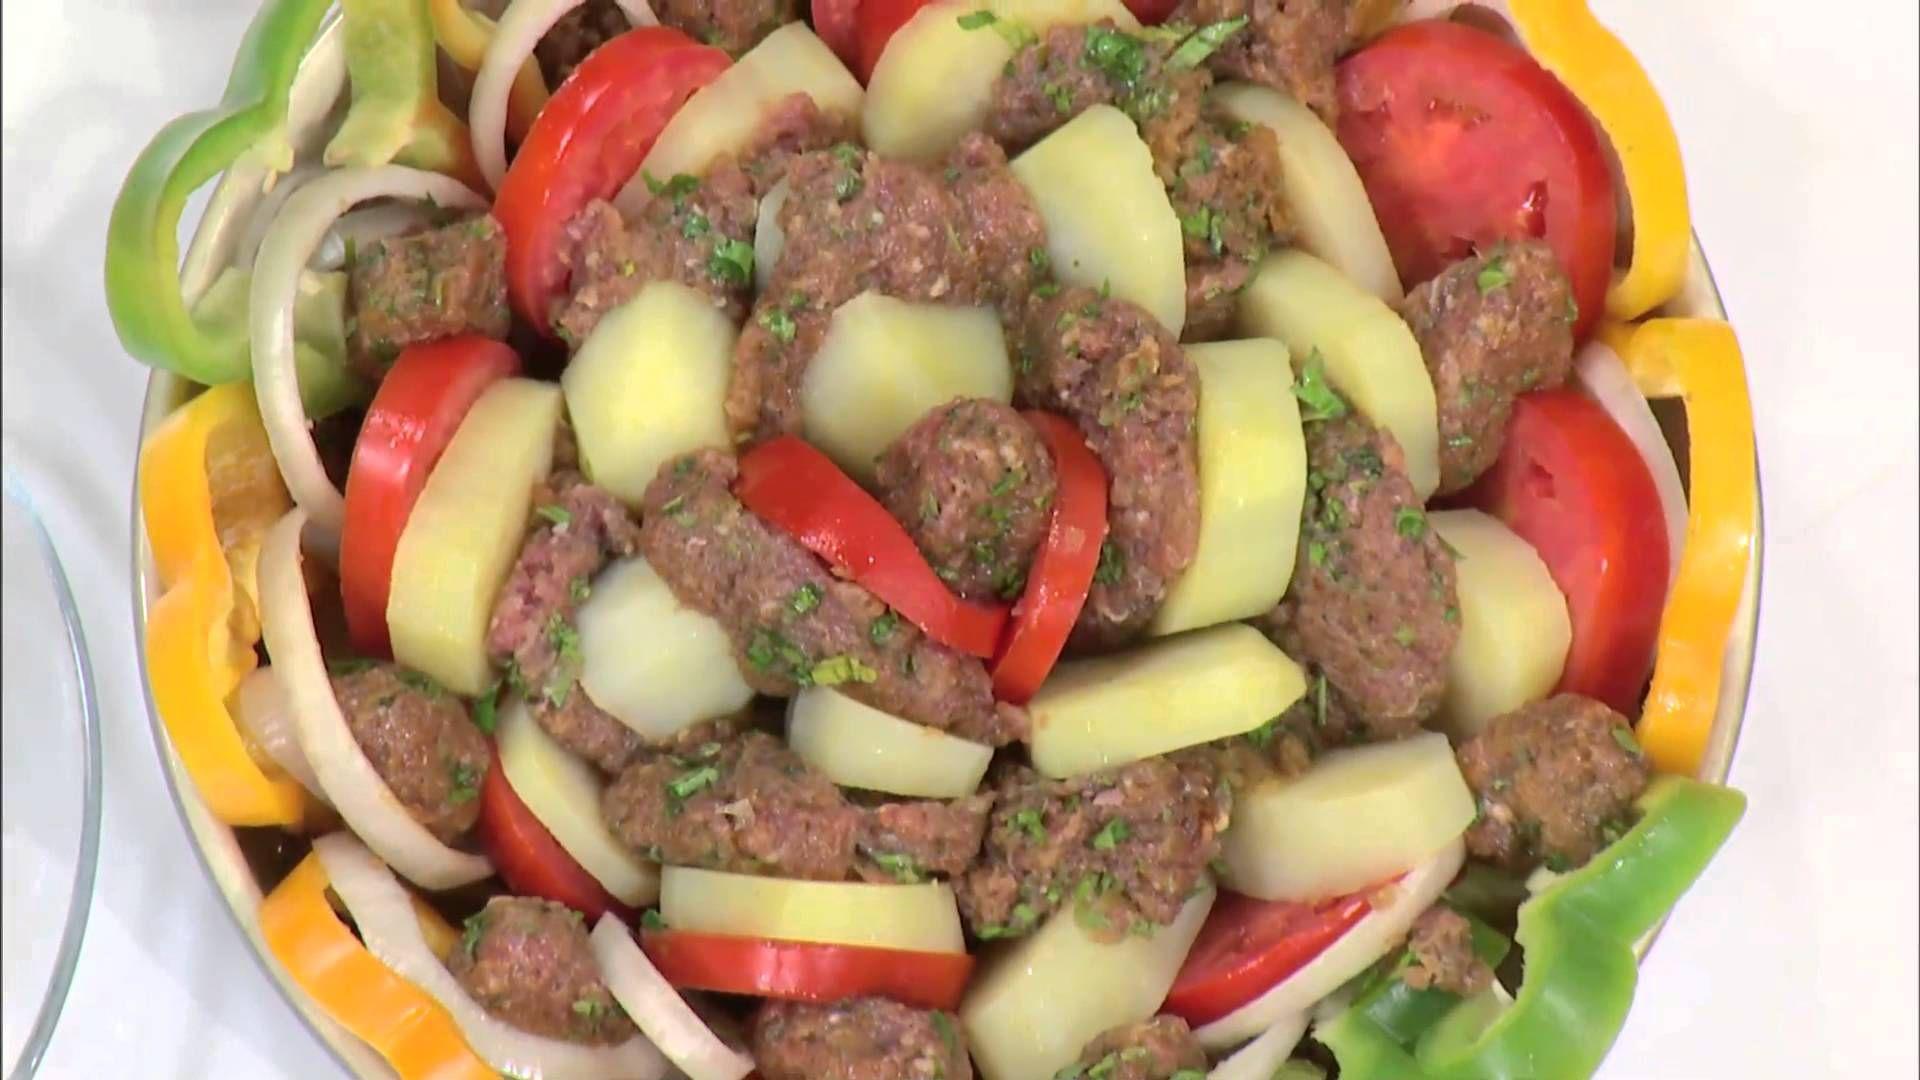 كفتة فى الفرن كرات الكفتة بالخضار مغربيات نادية سرحان Cbcsofra Middle Eastern Recipes Food Main Dishes